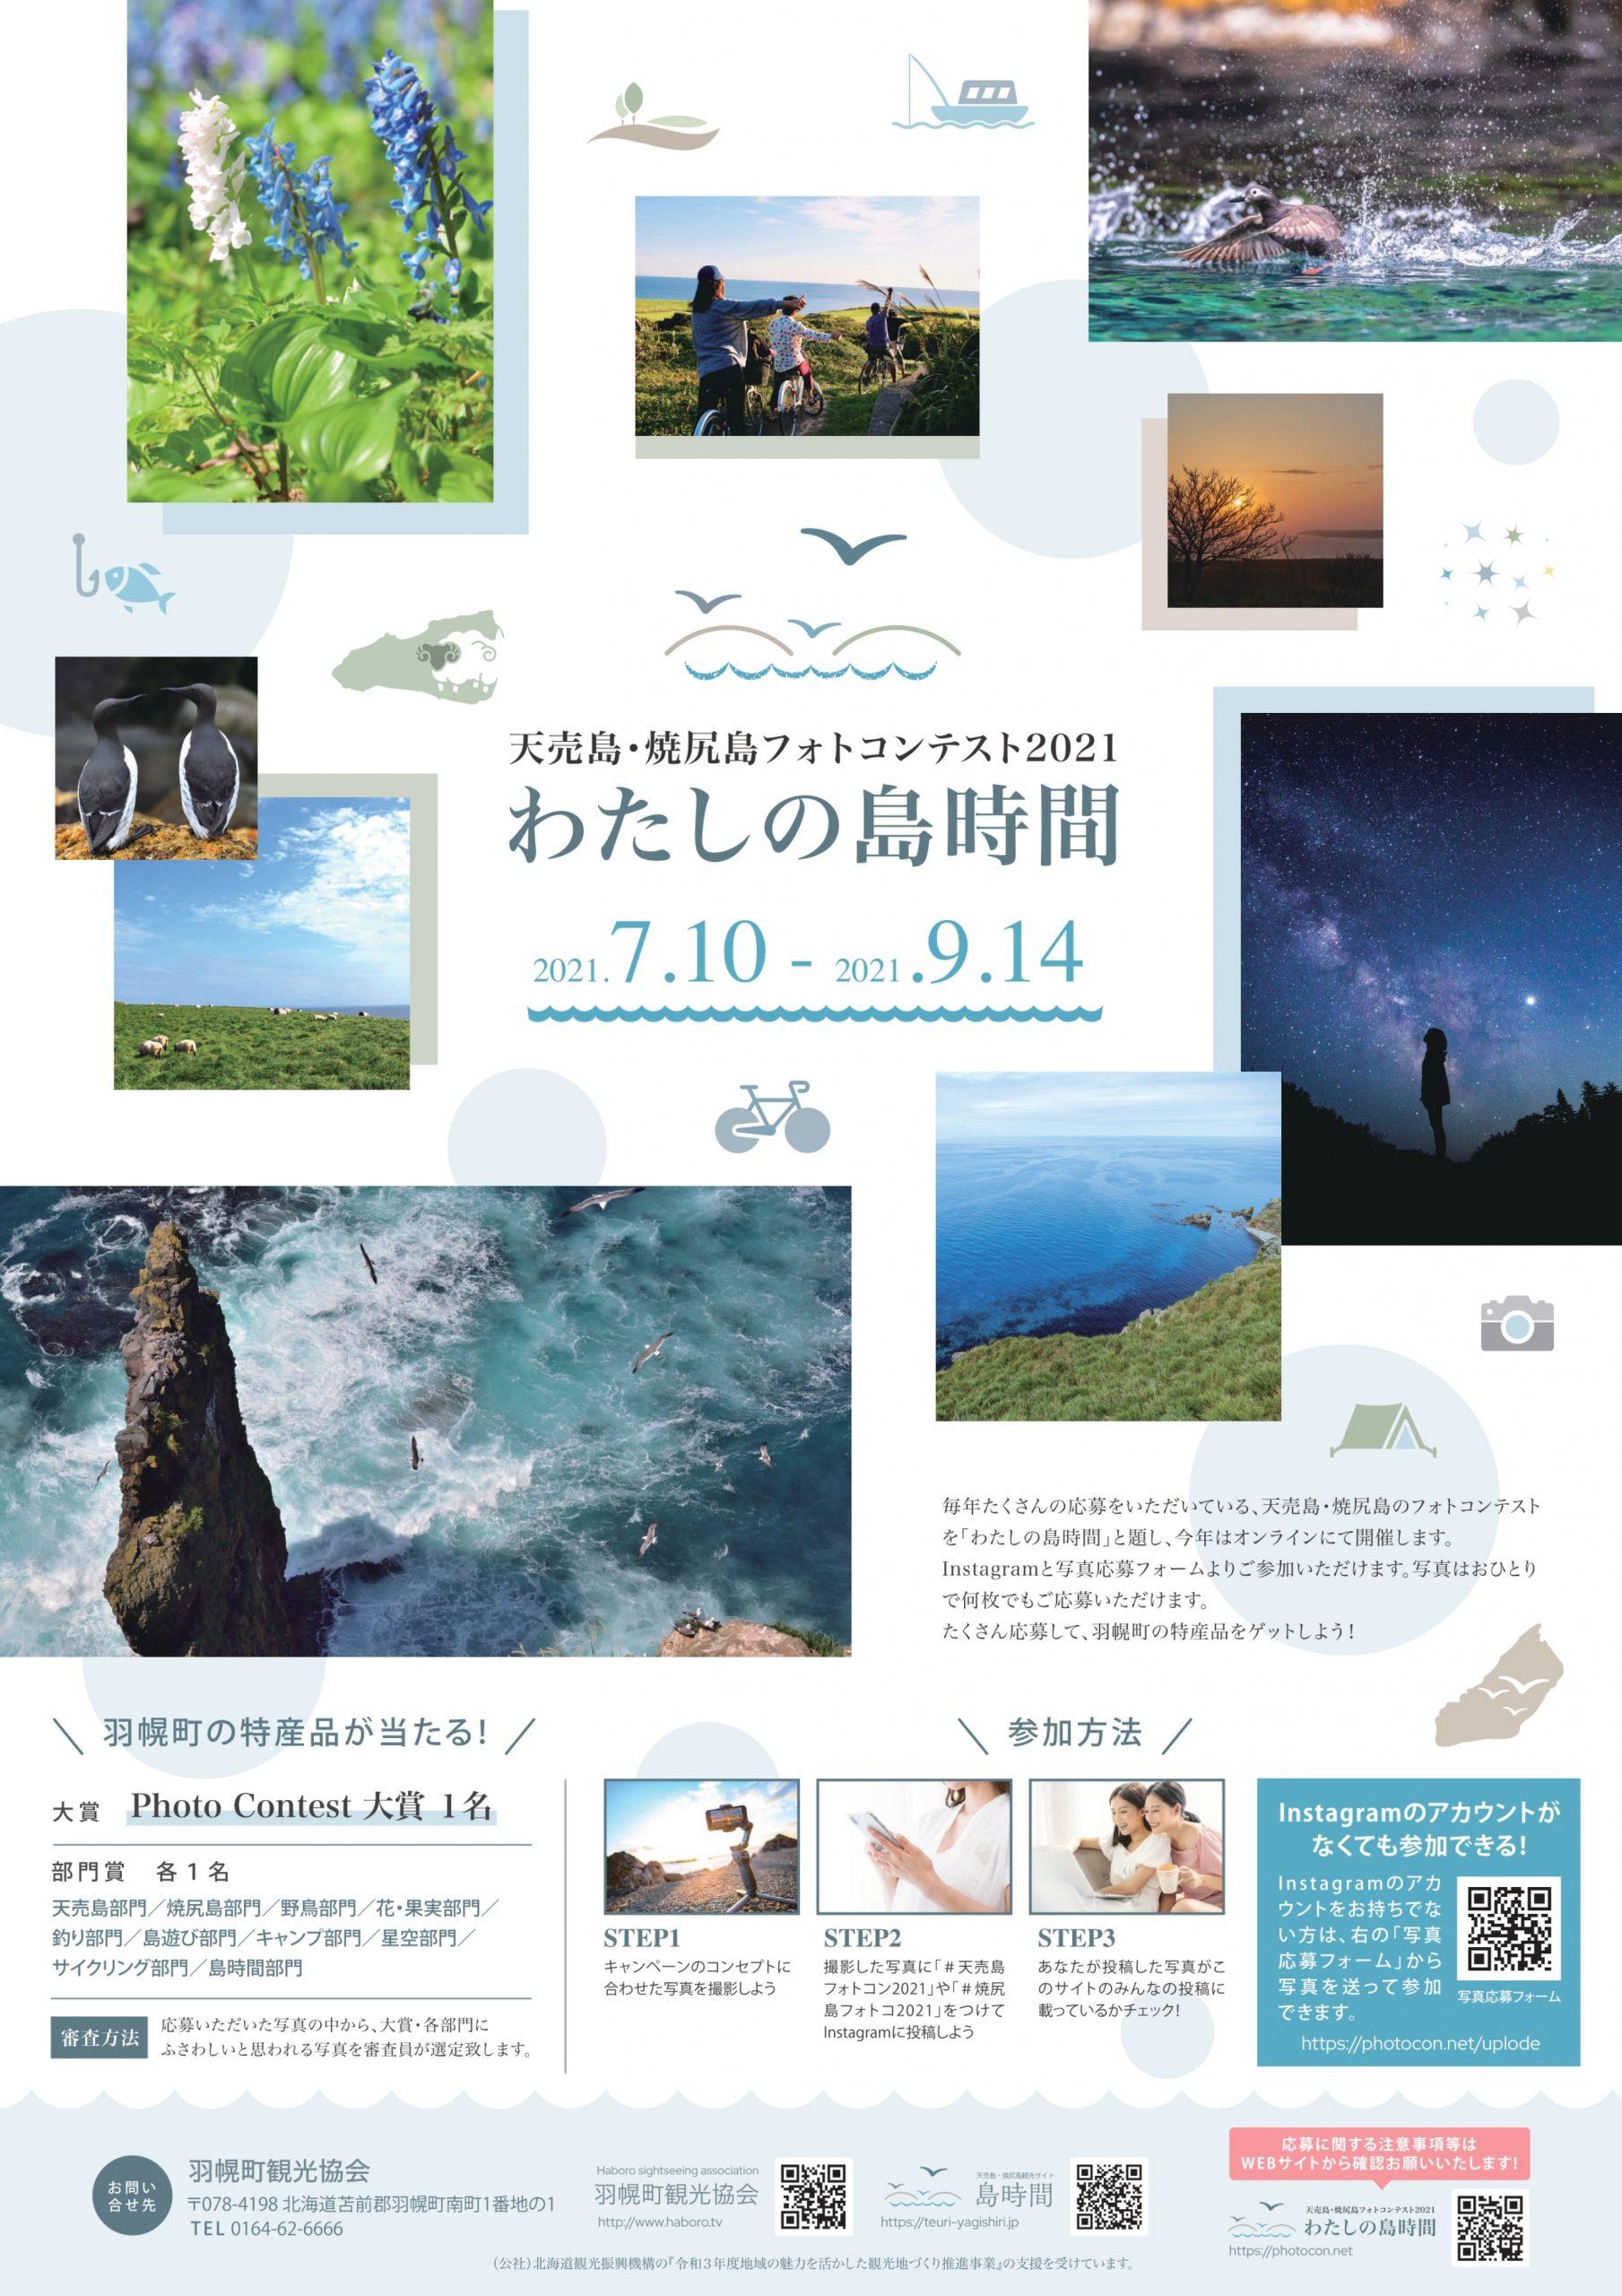 北海道・天売島、焼尻島を題材にフォトコンテスト 島の魅力が伝わる写真への賞品は町の特産品